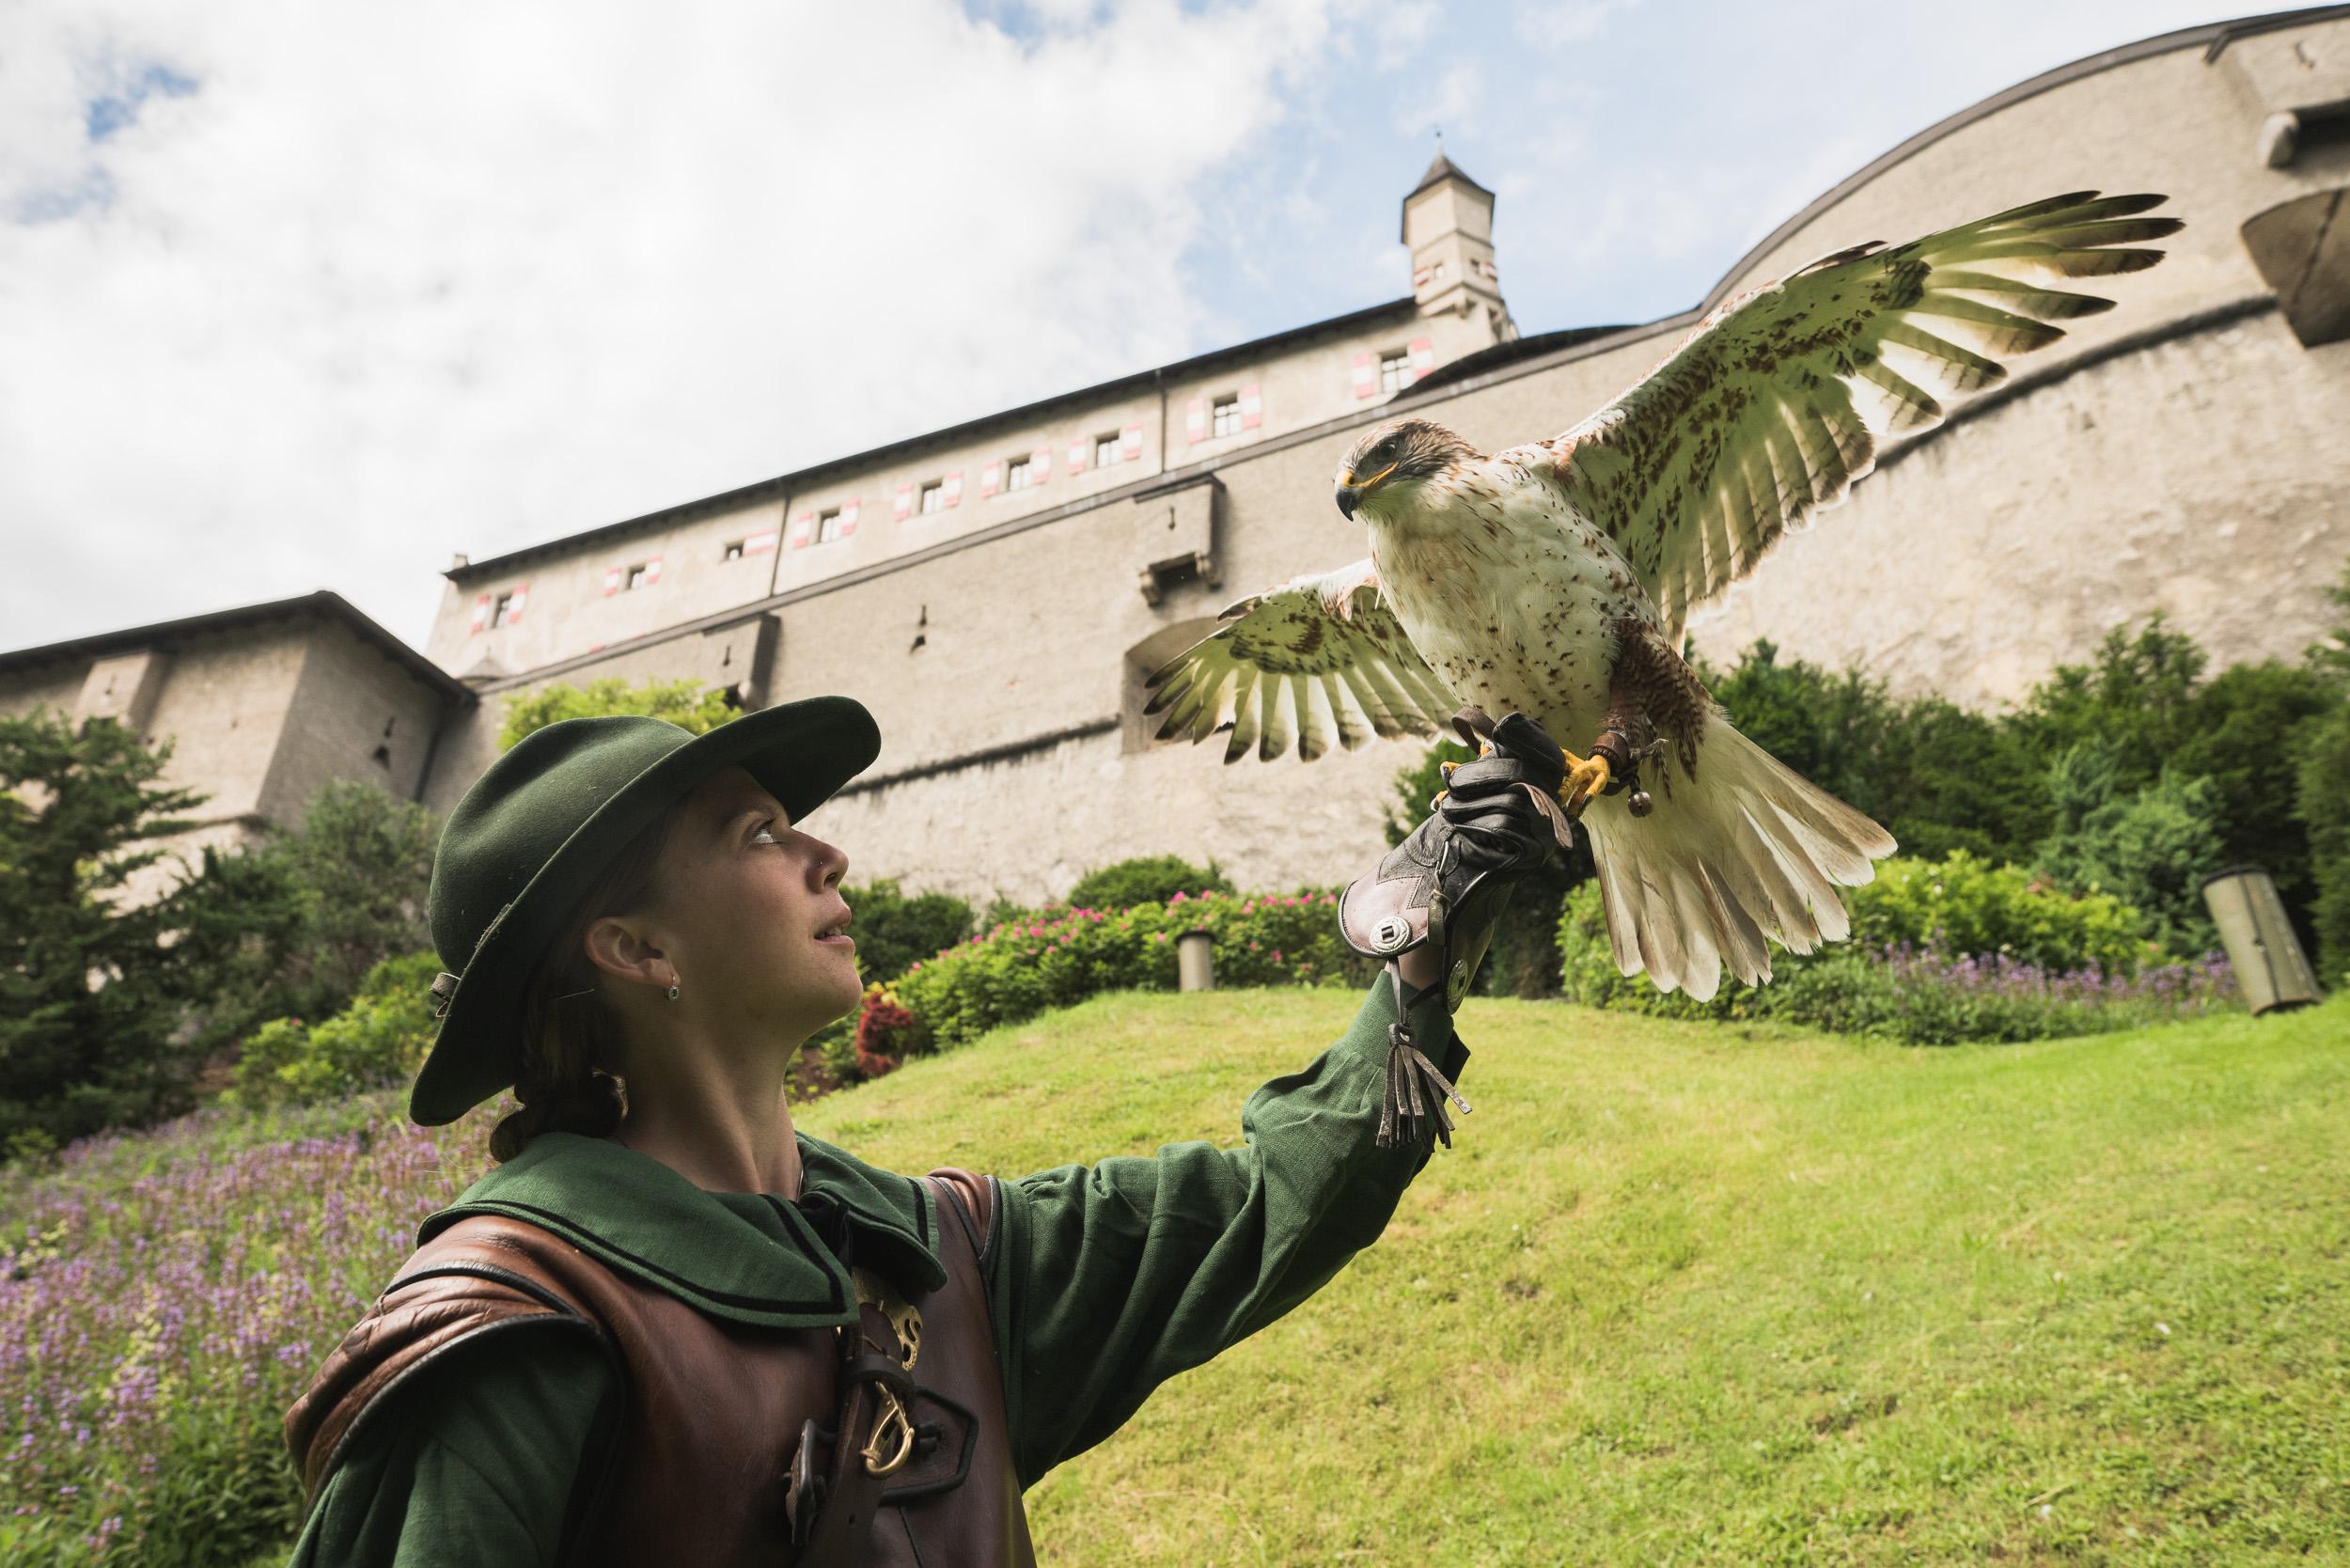 falconer with bird of prey at Hohenwerfen copyright Salzburg Burgen